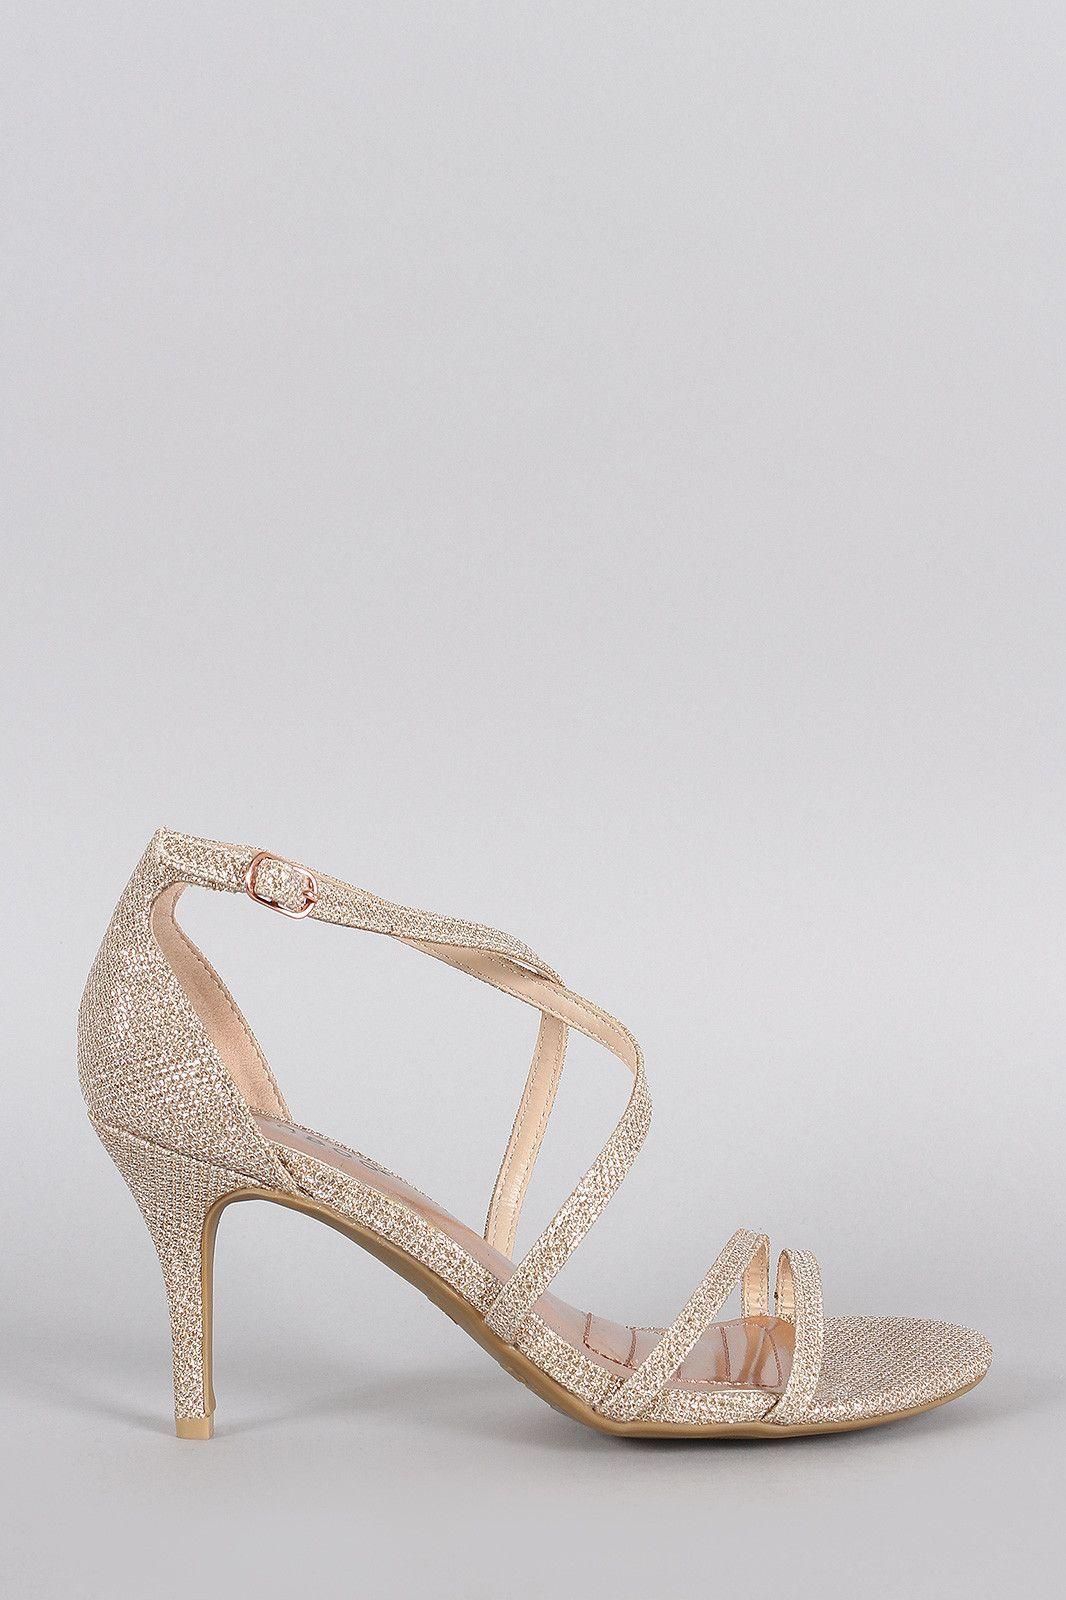 Apparel For All Heels Single Sole Heels Women Shoes